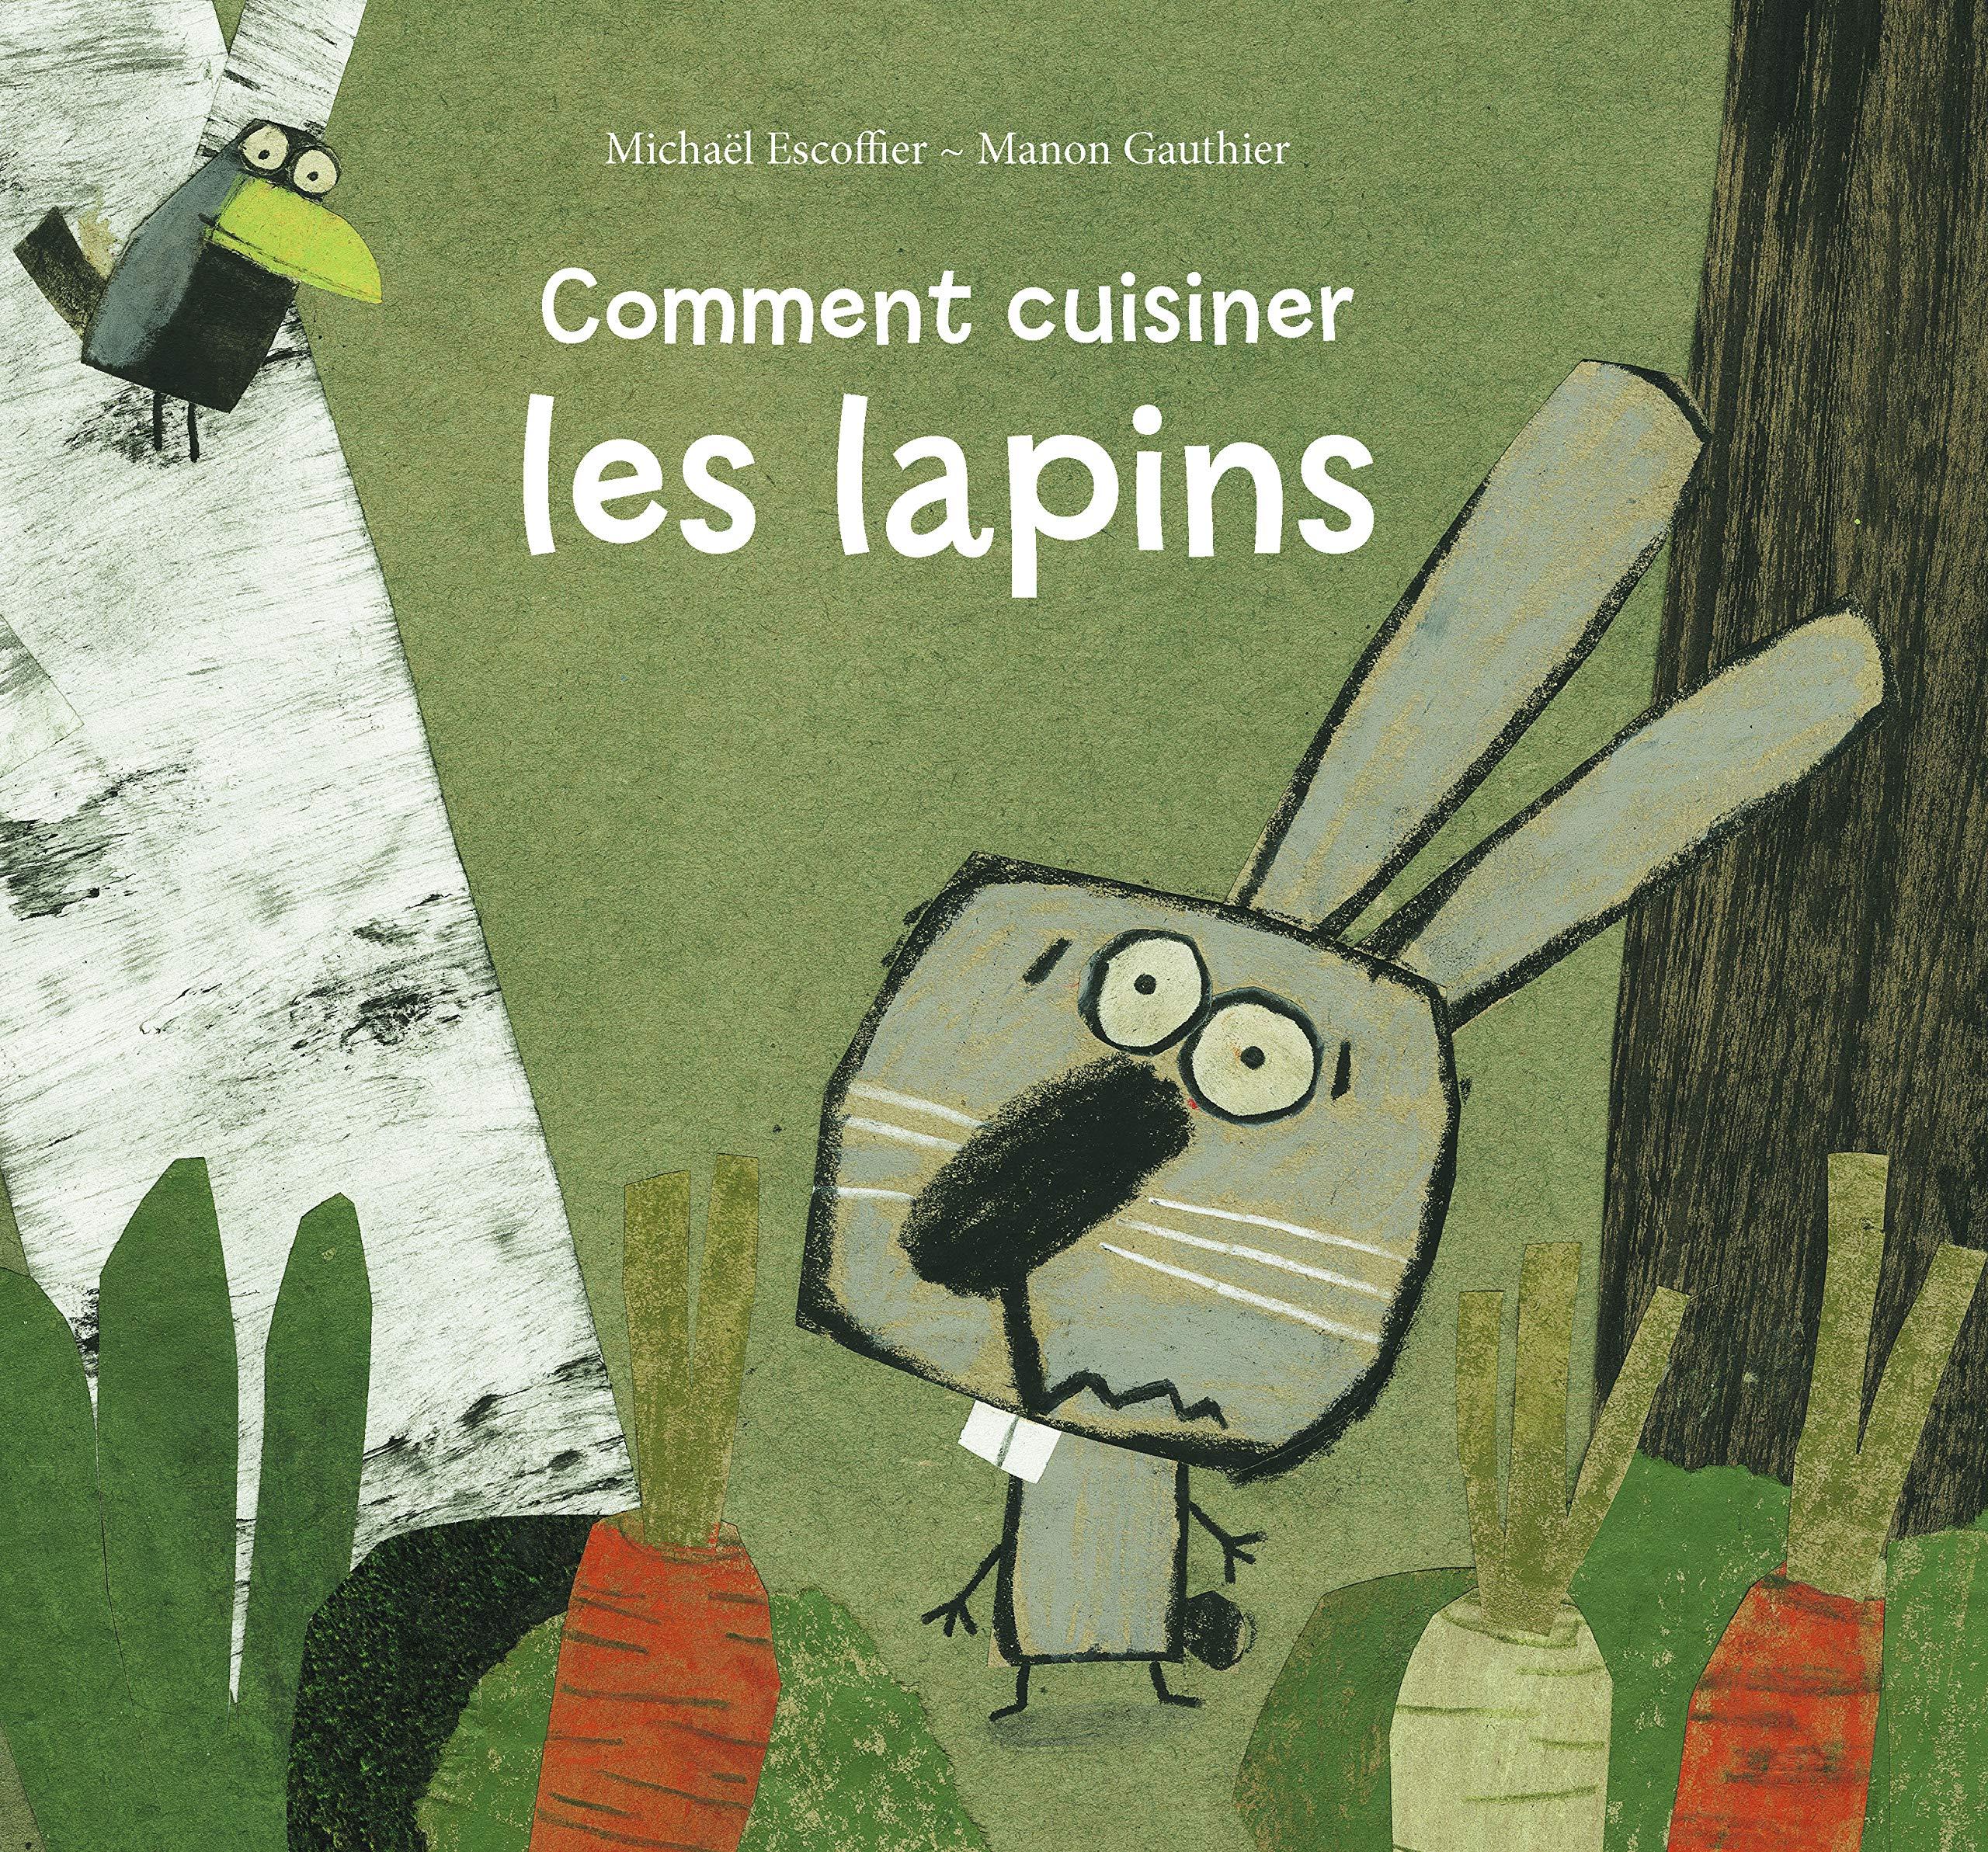 Comment Cuisiner Les Lapins Escoffier Michael Gauthier Manon